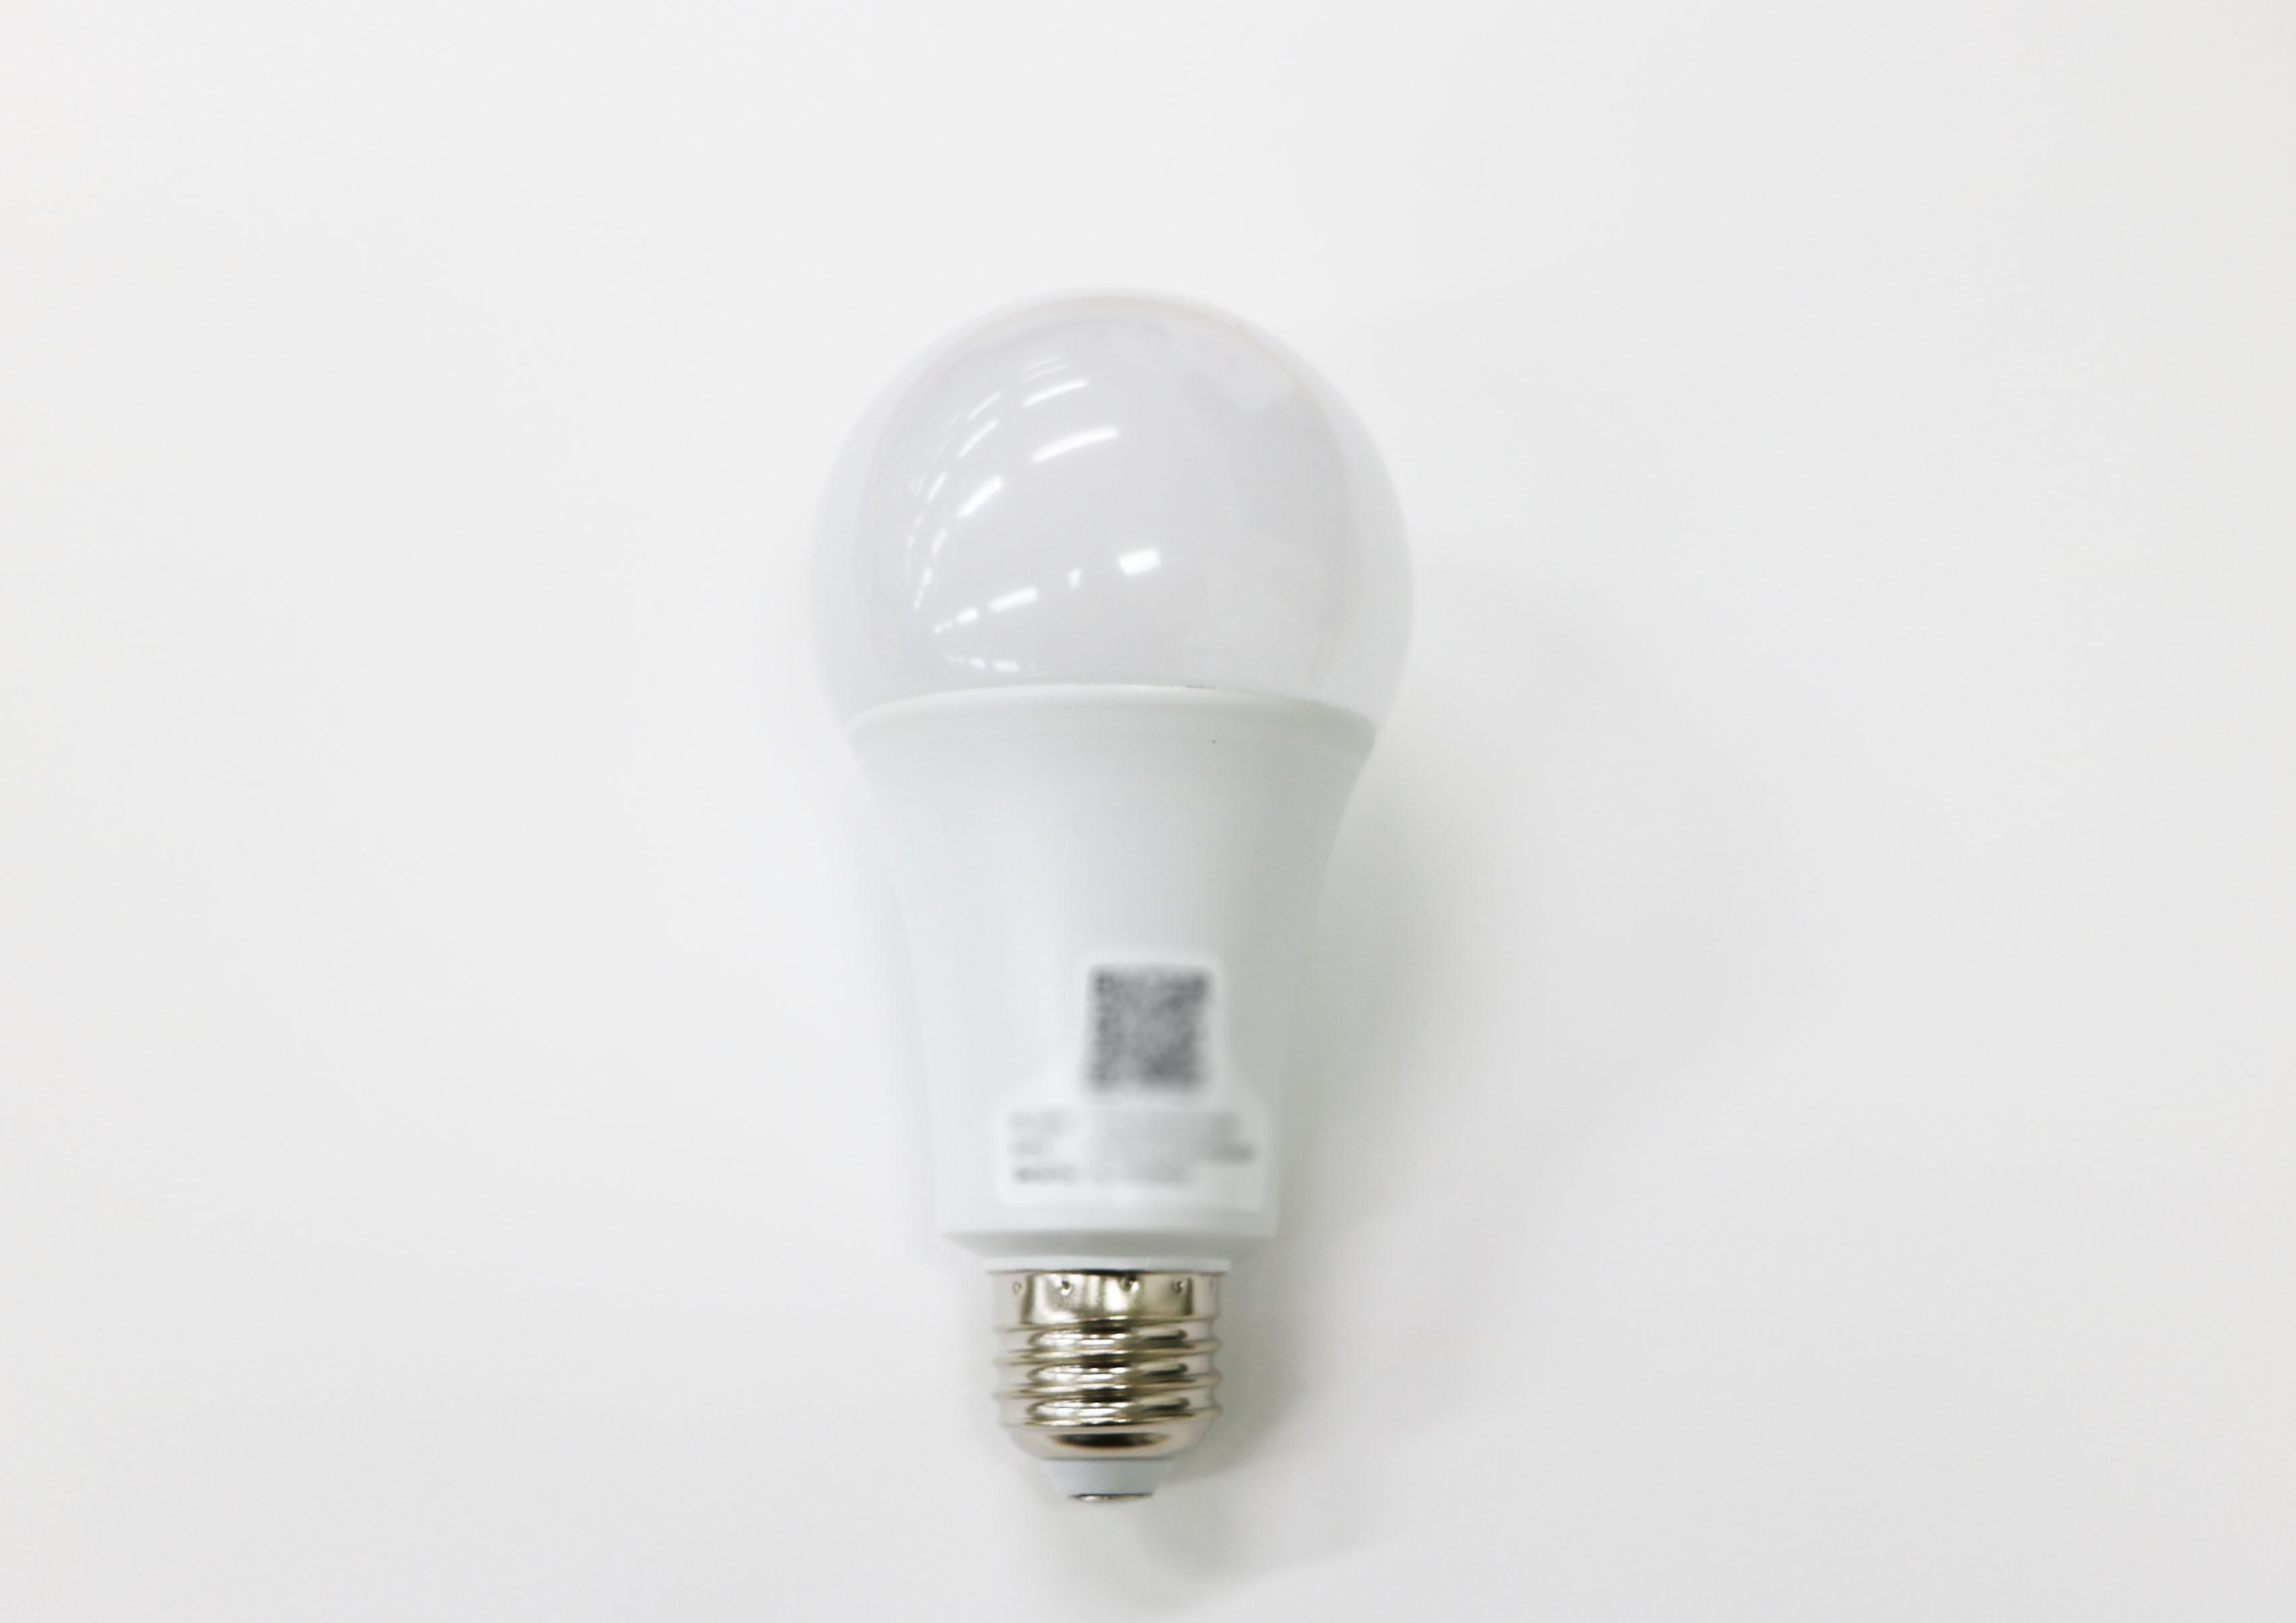 (参考画像)IoT電球イメージ_別アングル